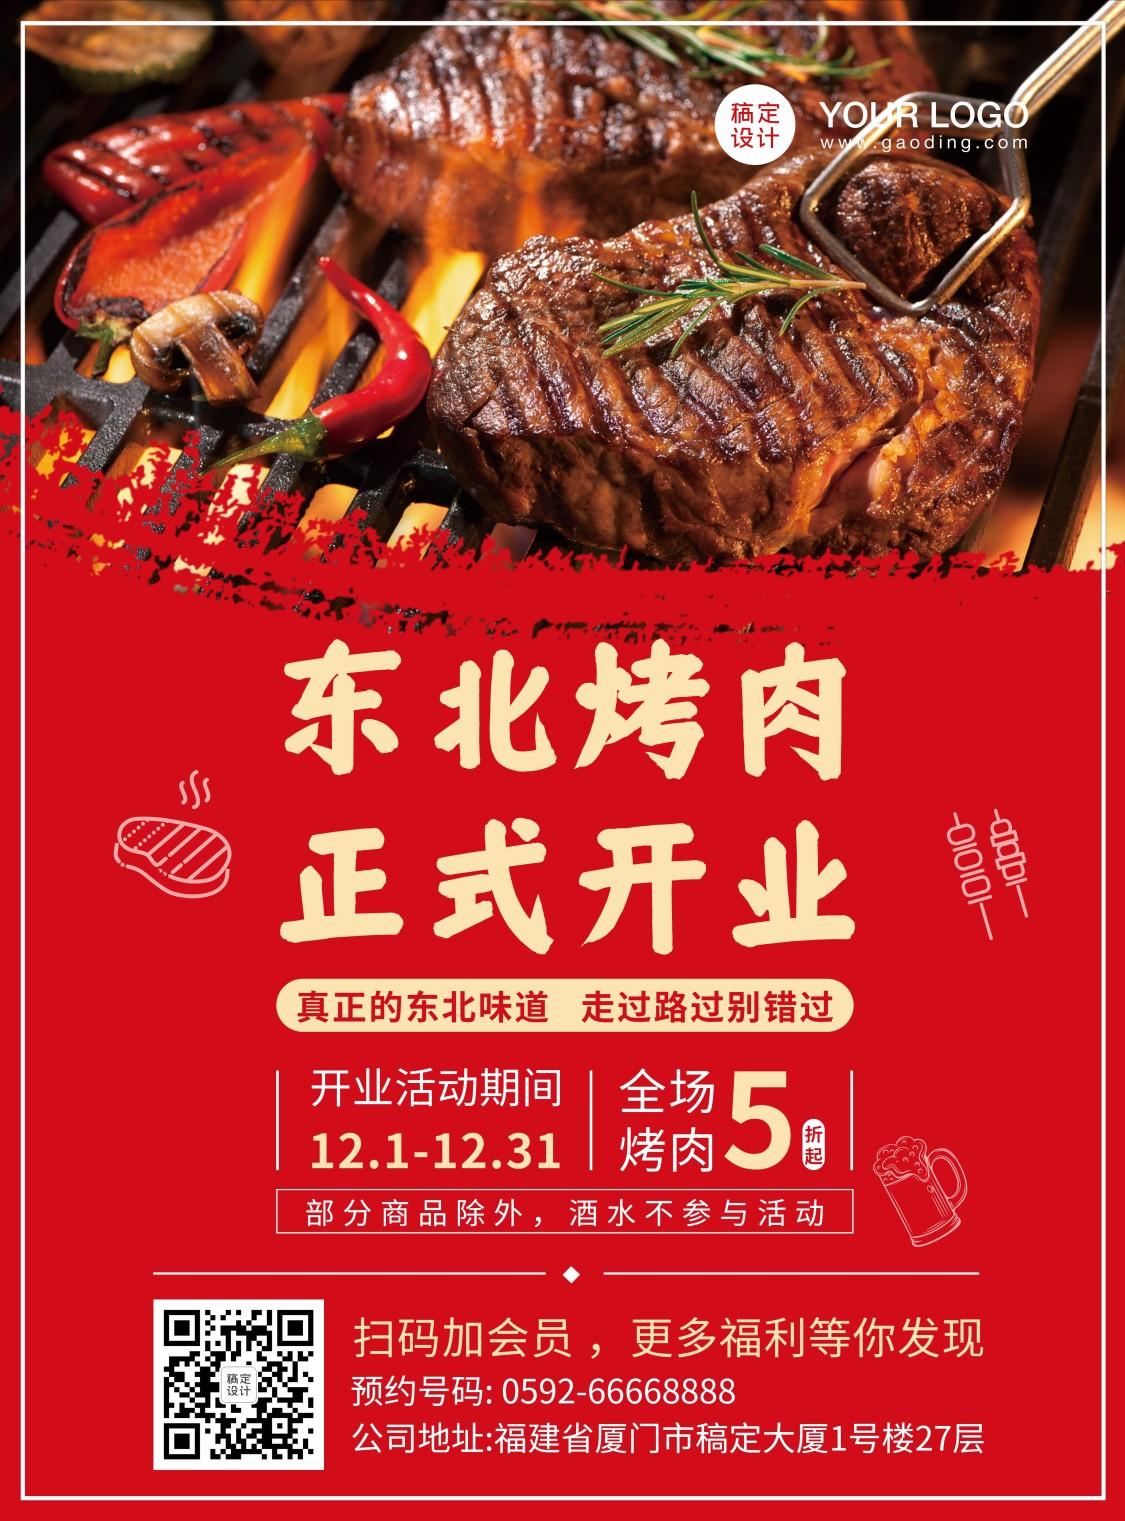 东北烤肉开业促销印刷海报